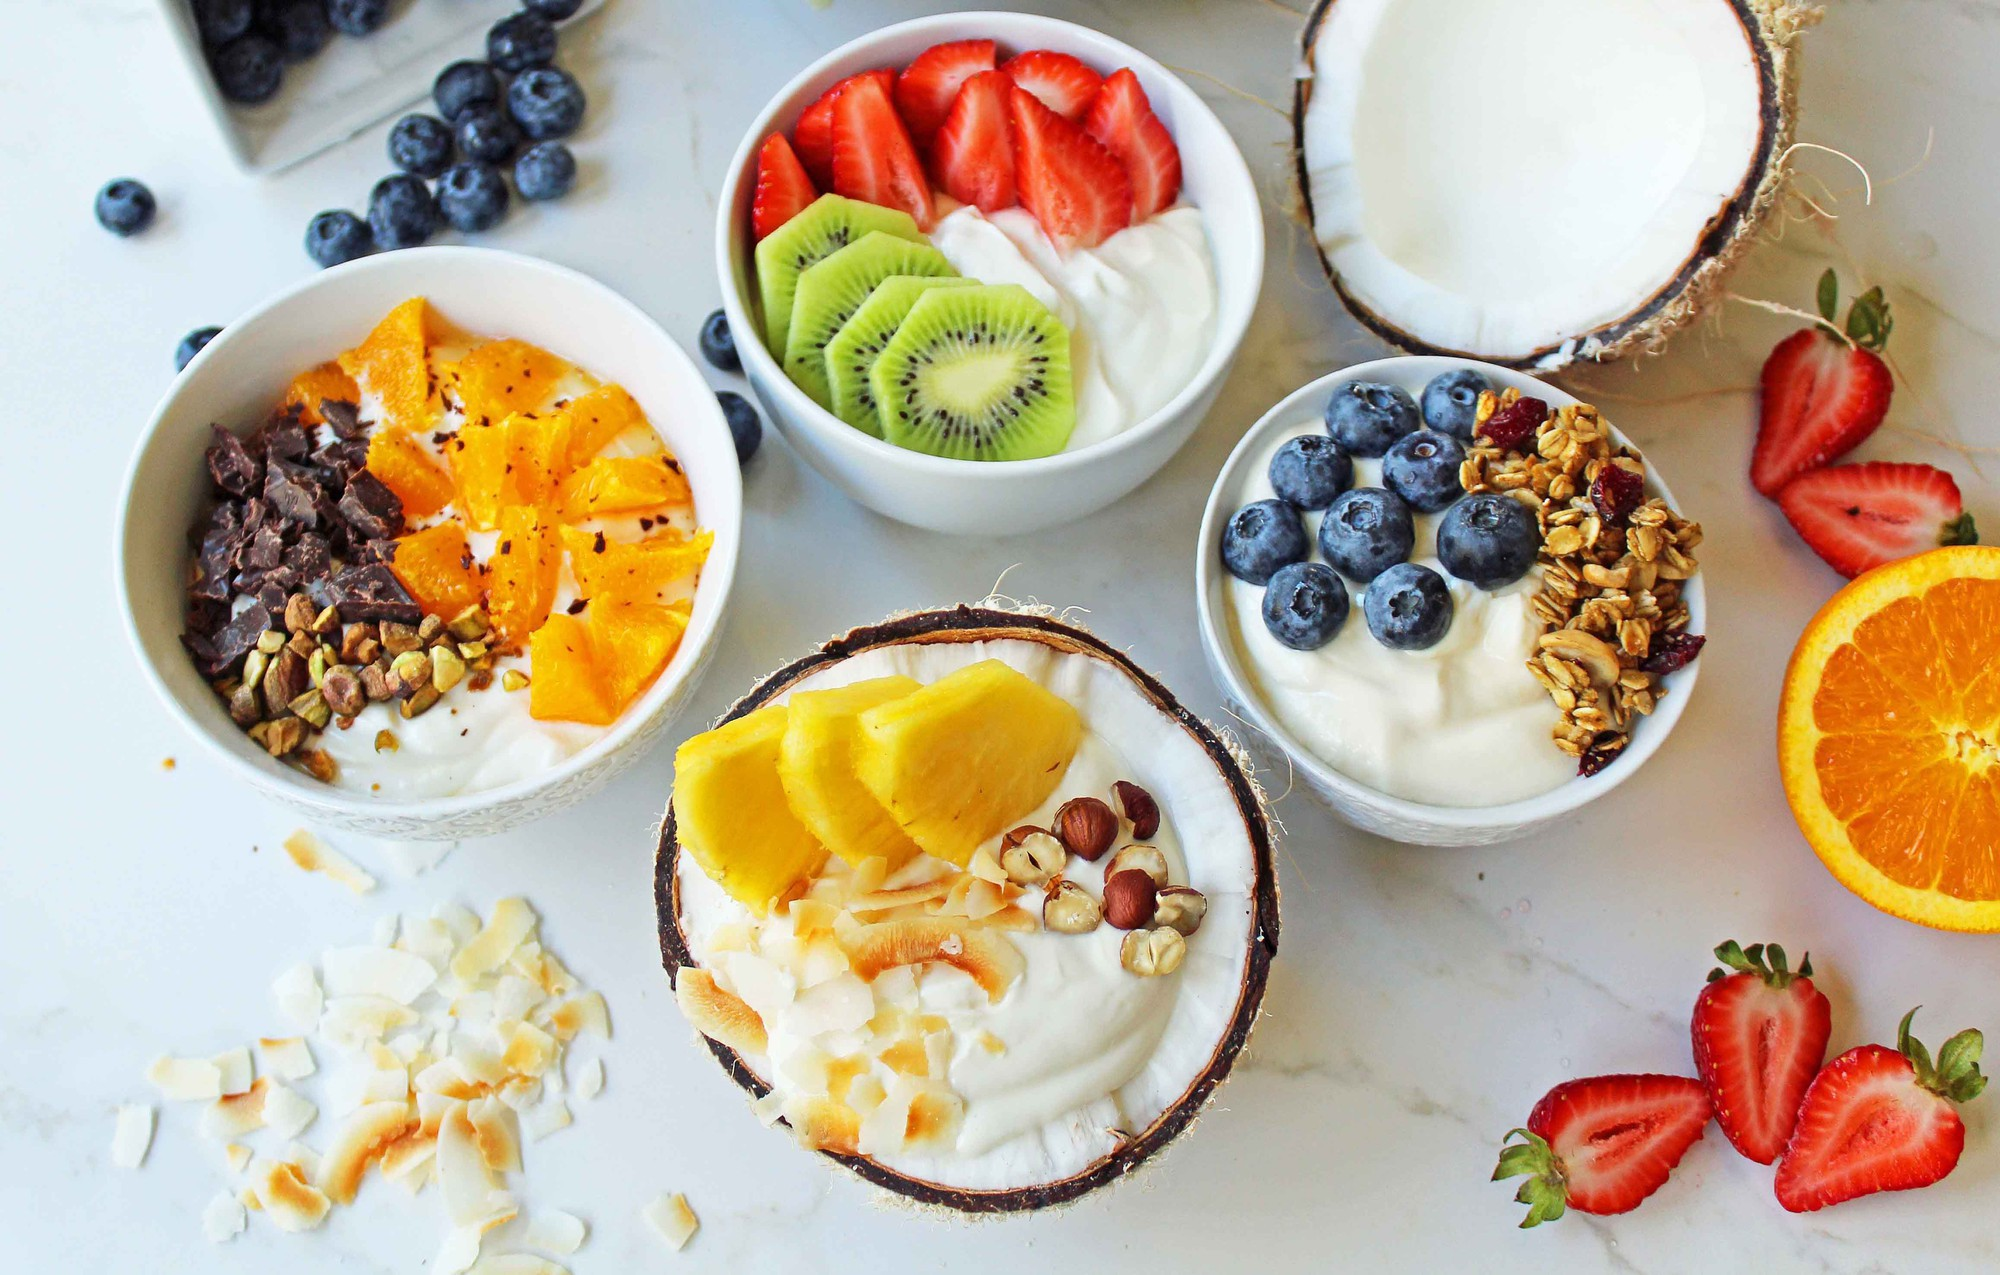 Muốn giảm cân nhanh và an toàn cho sức khỏe, hãy thường xuyên bổ sung những thực phẩm này - Ảnh 8.